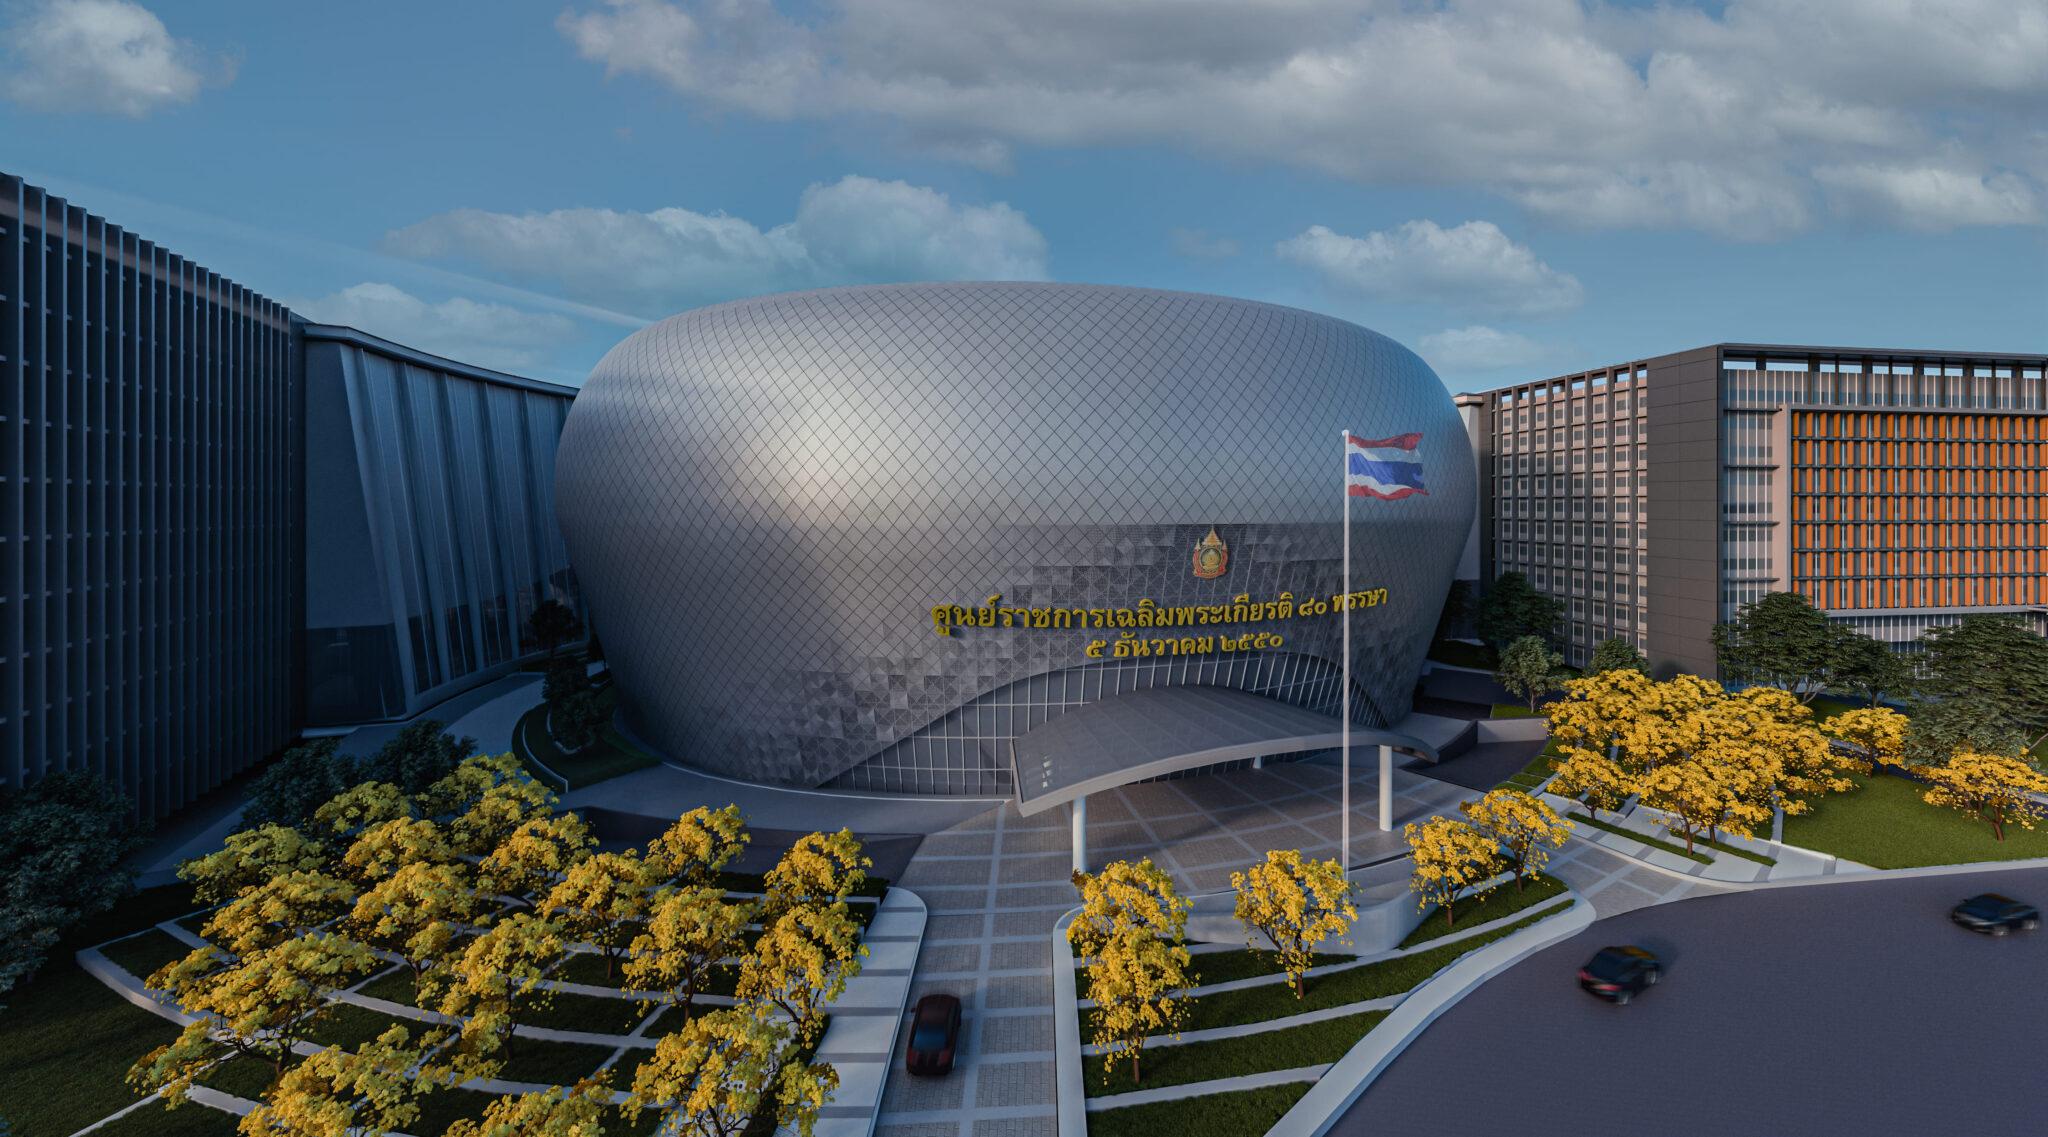 ธพส เน้นมาตรการดูแลคนงานก่อสร้างป้องกันโควิด19 เดินหน้าศูนย์ราชการเฉลิมพระเกียรติฯ โซนซี | Prop2Morrow บ้าน คอนโด ข่าวอสังหาฯ